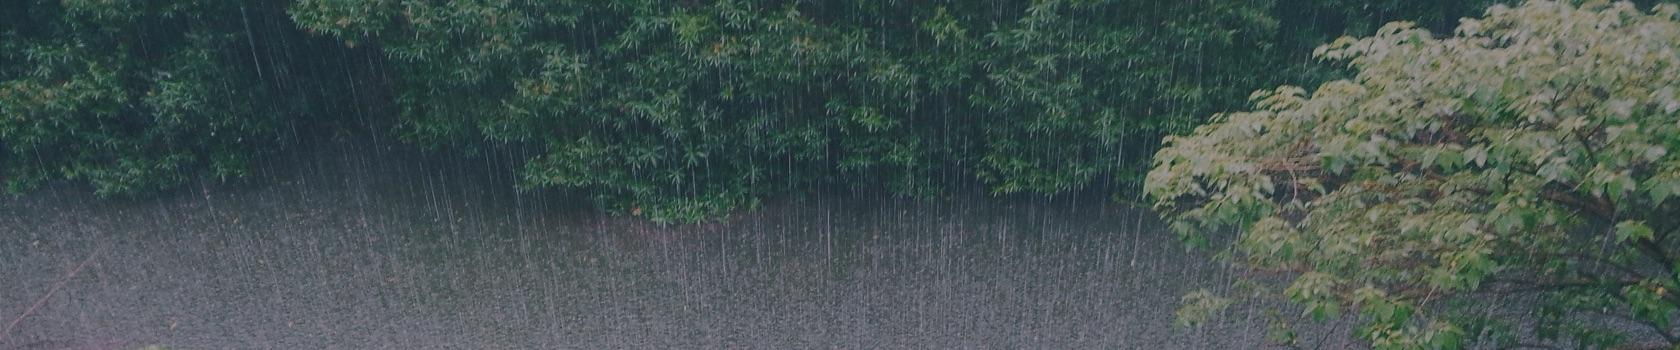 monsoon-treks-in-himachal-pradesh